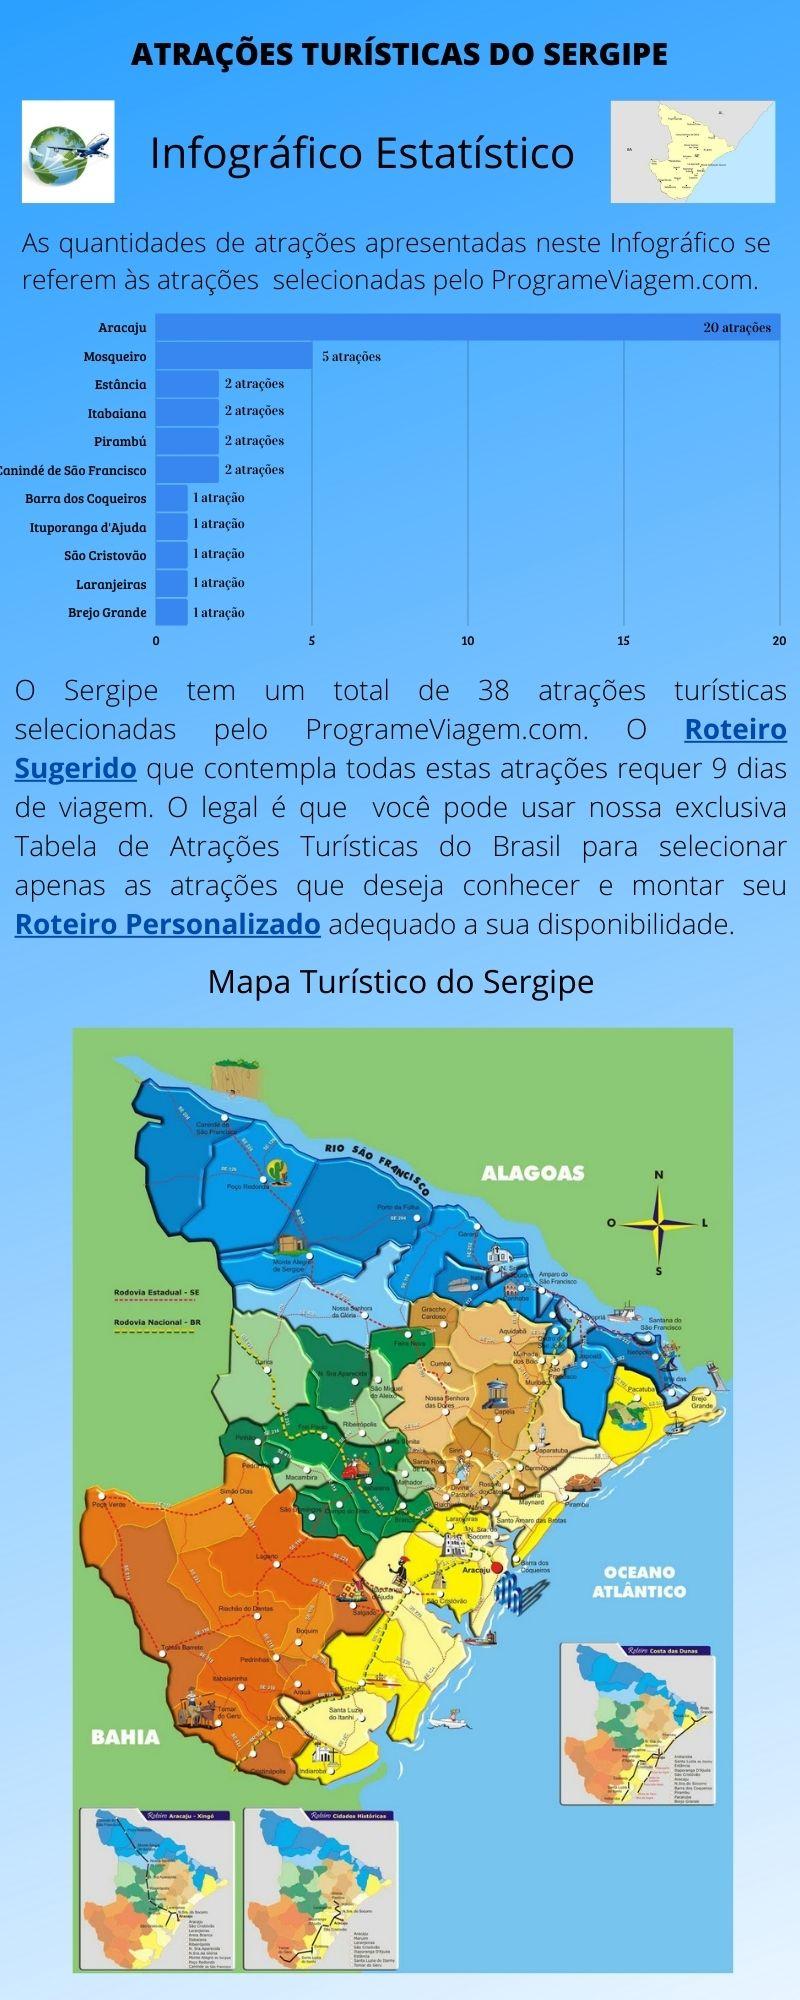 Infográfico Atrações Turísticas de Sergipe